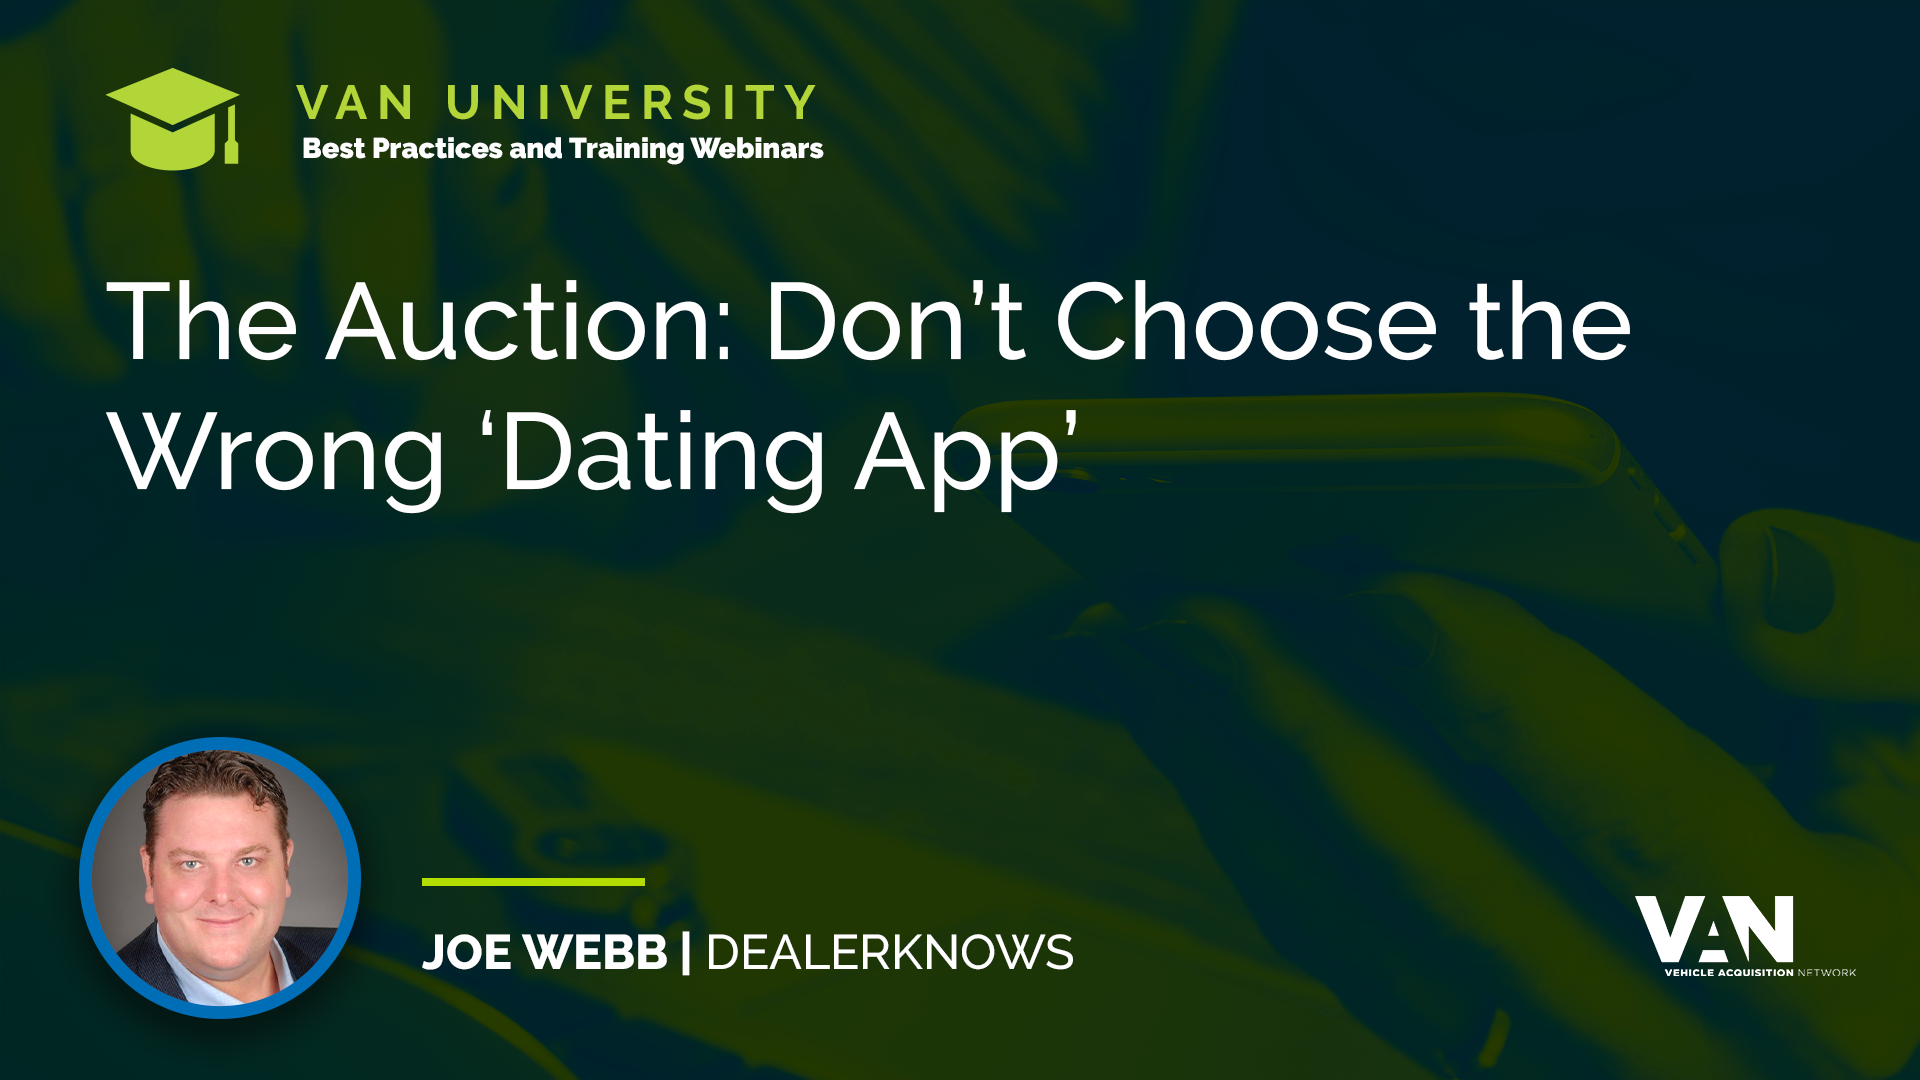 Joe Webb from DealerKnows on Dealer Auctions